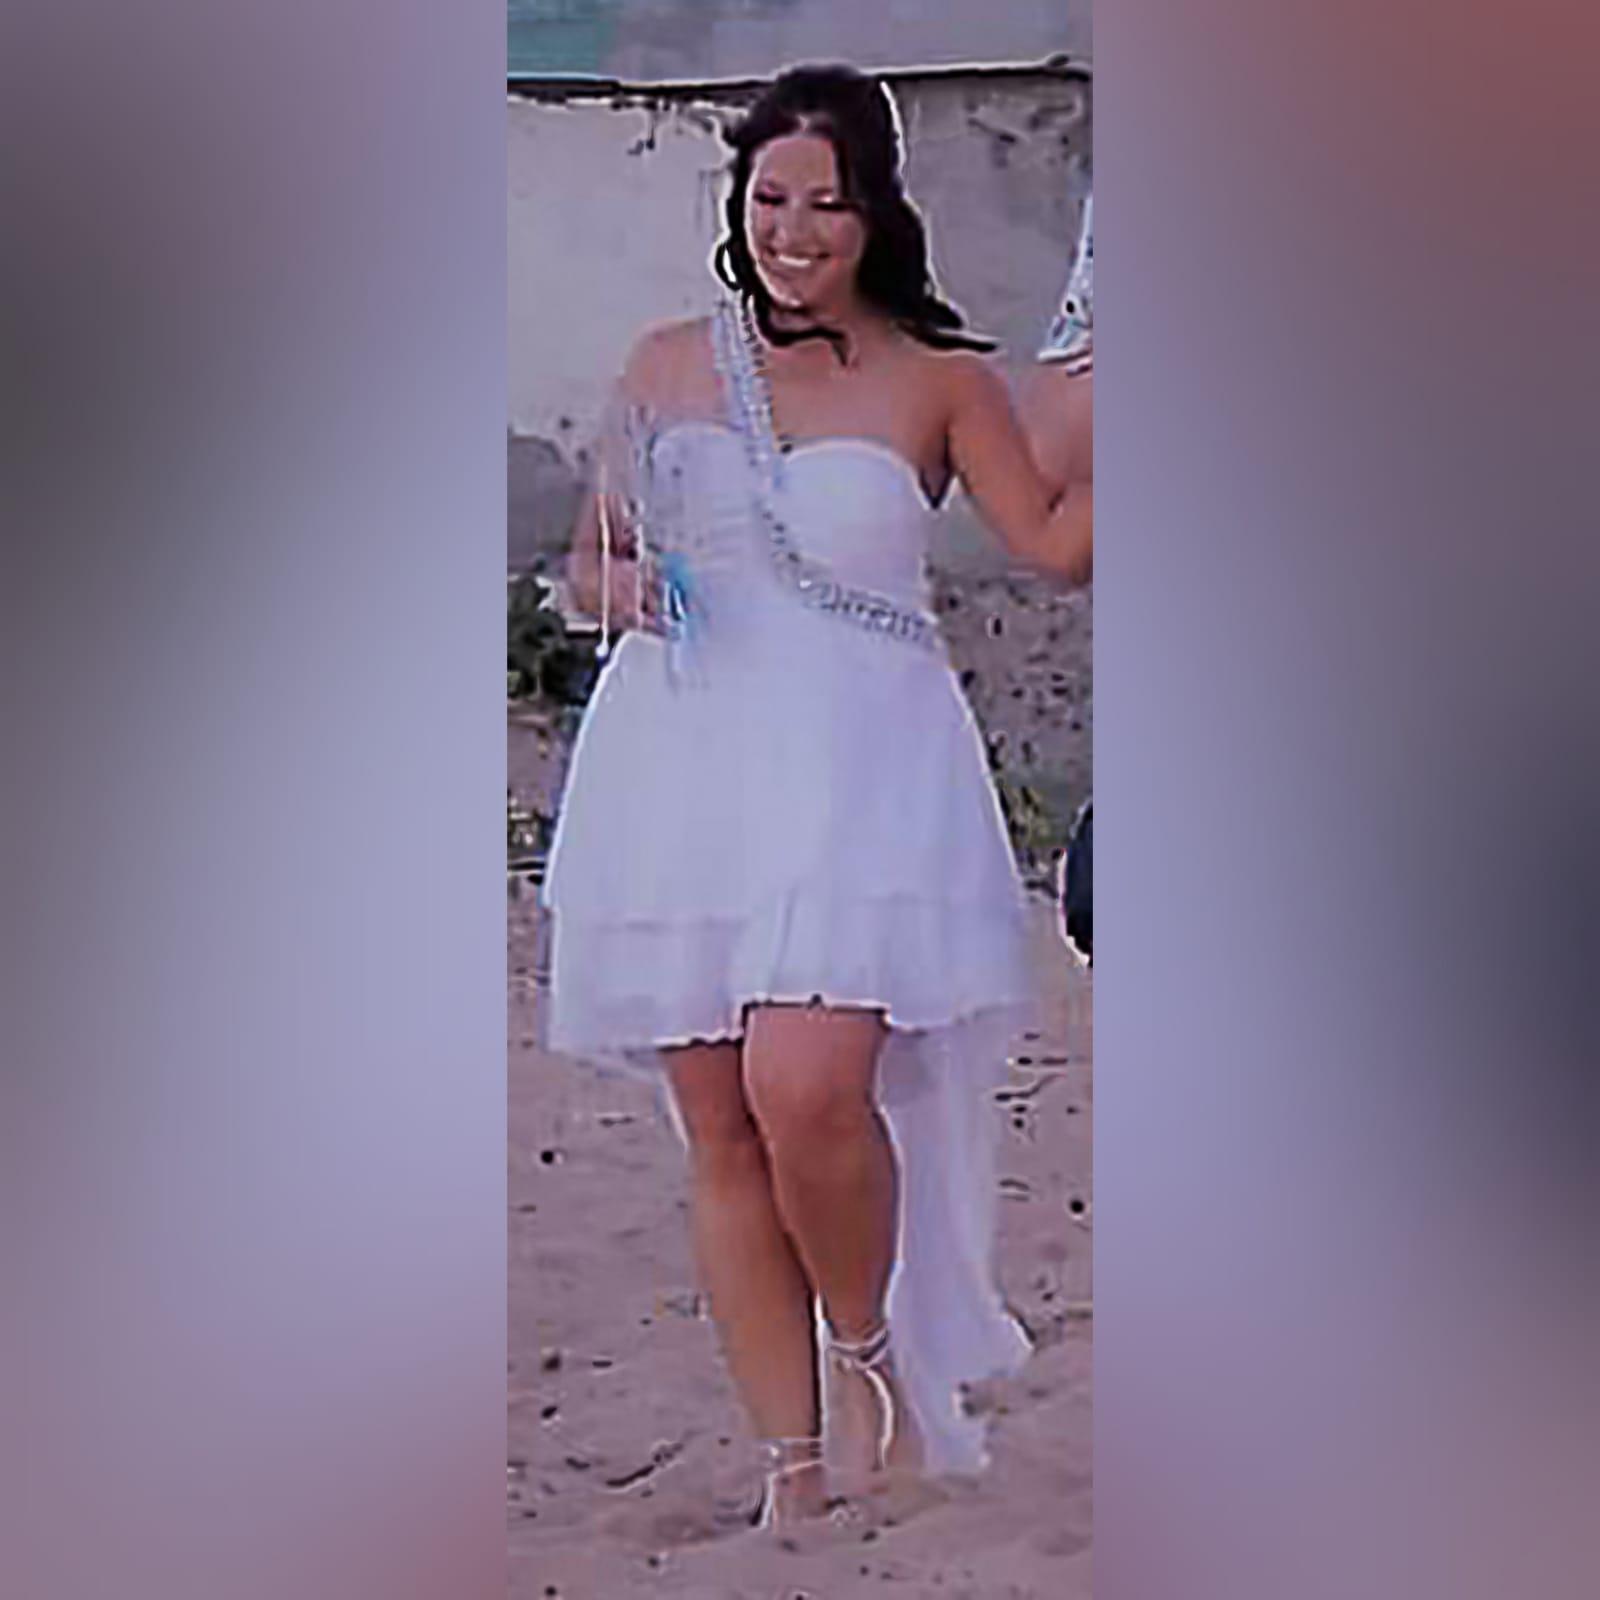 Vestido de casamento de noiva com corpete reunido 2 vestido de casamento de noiva com corpete reunido, com alça de prata em um ângulo da cintura sobre o ombro para trás. Vestido de noiva de chiffon com uma camada dupla hi lo.